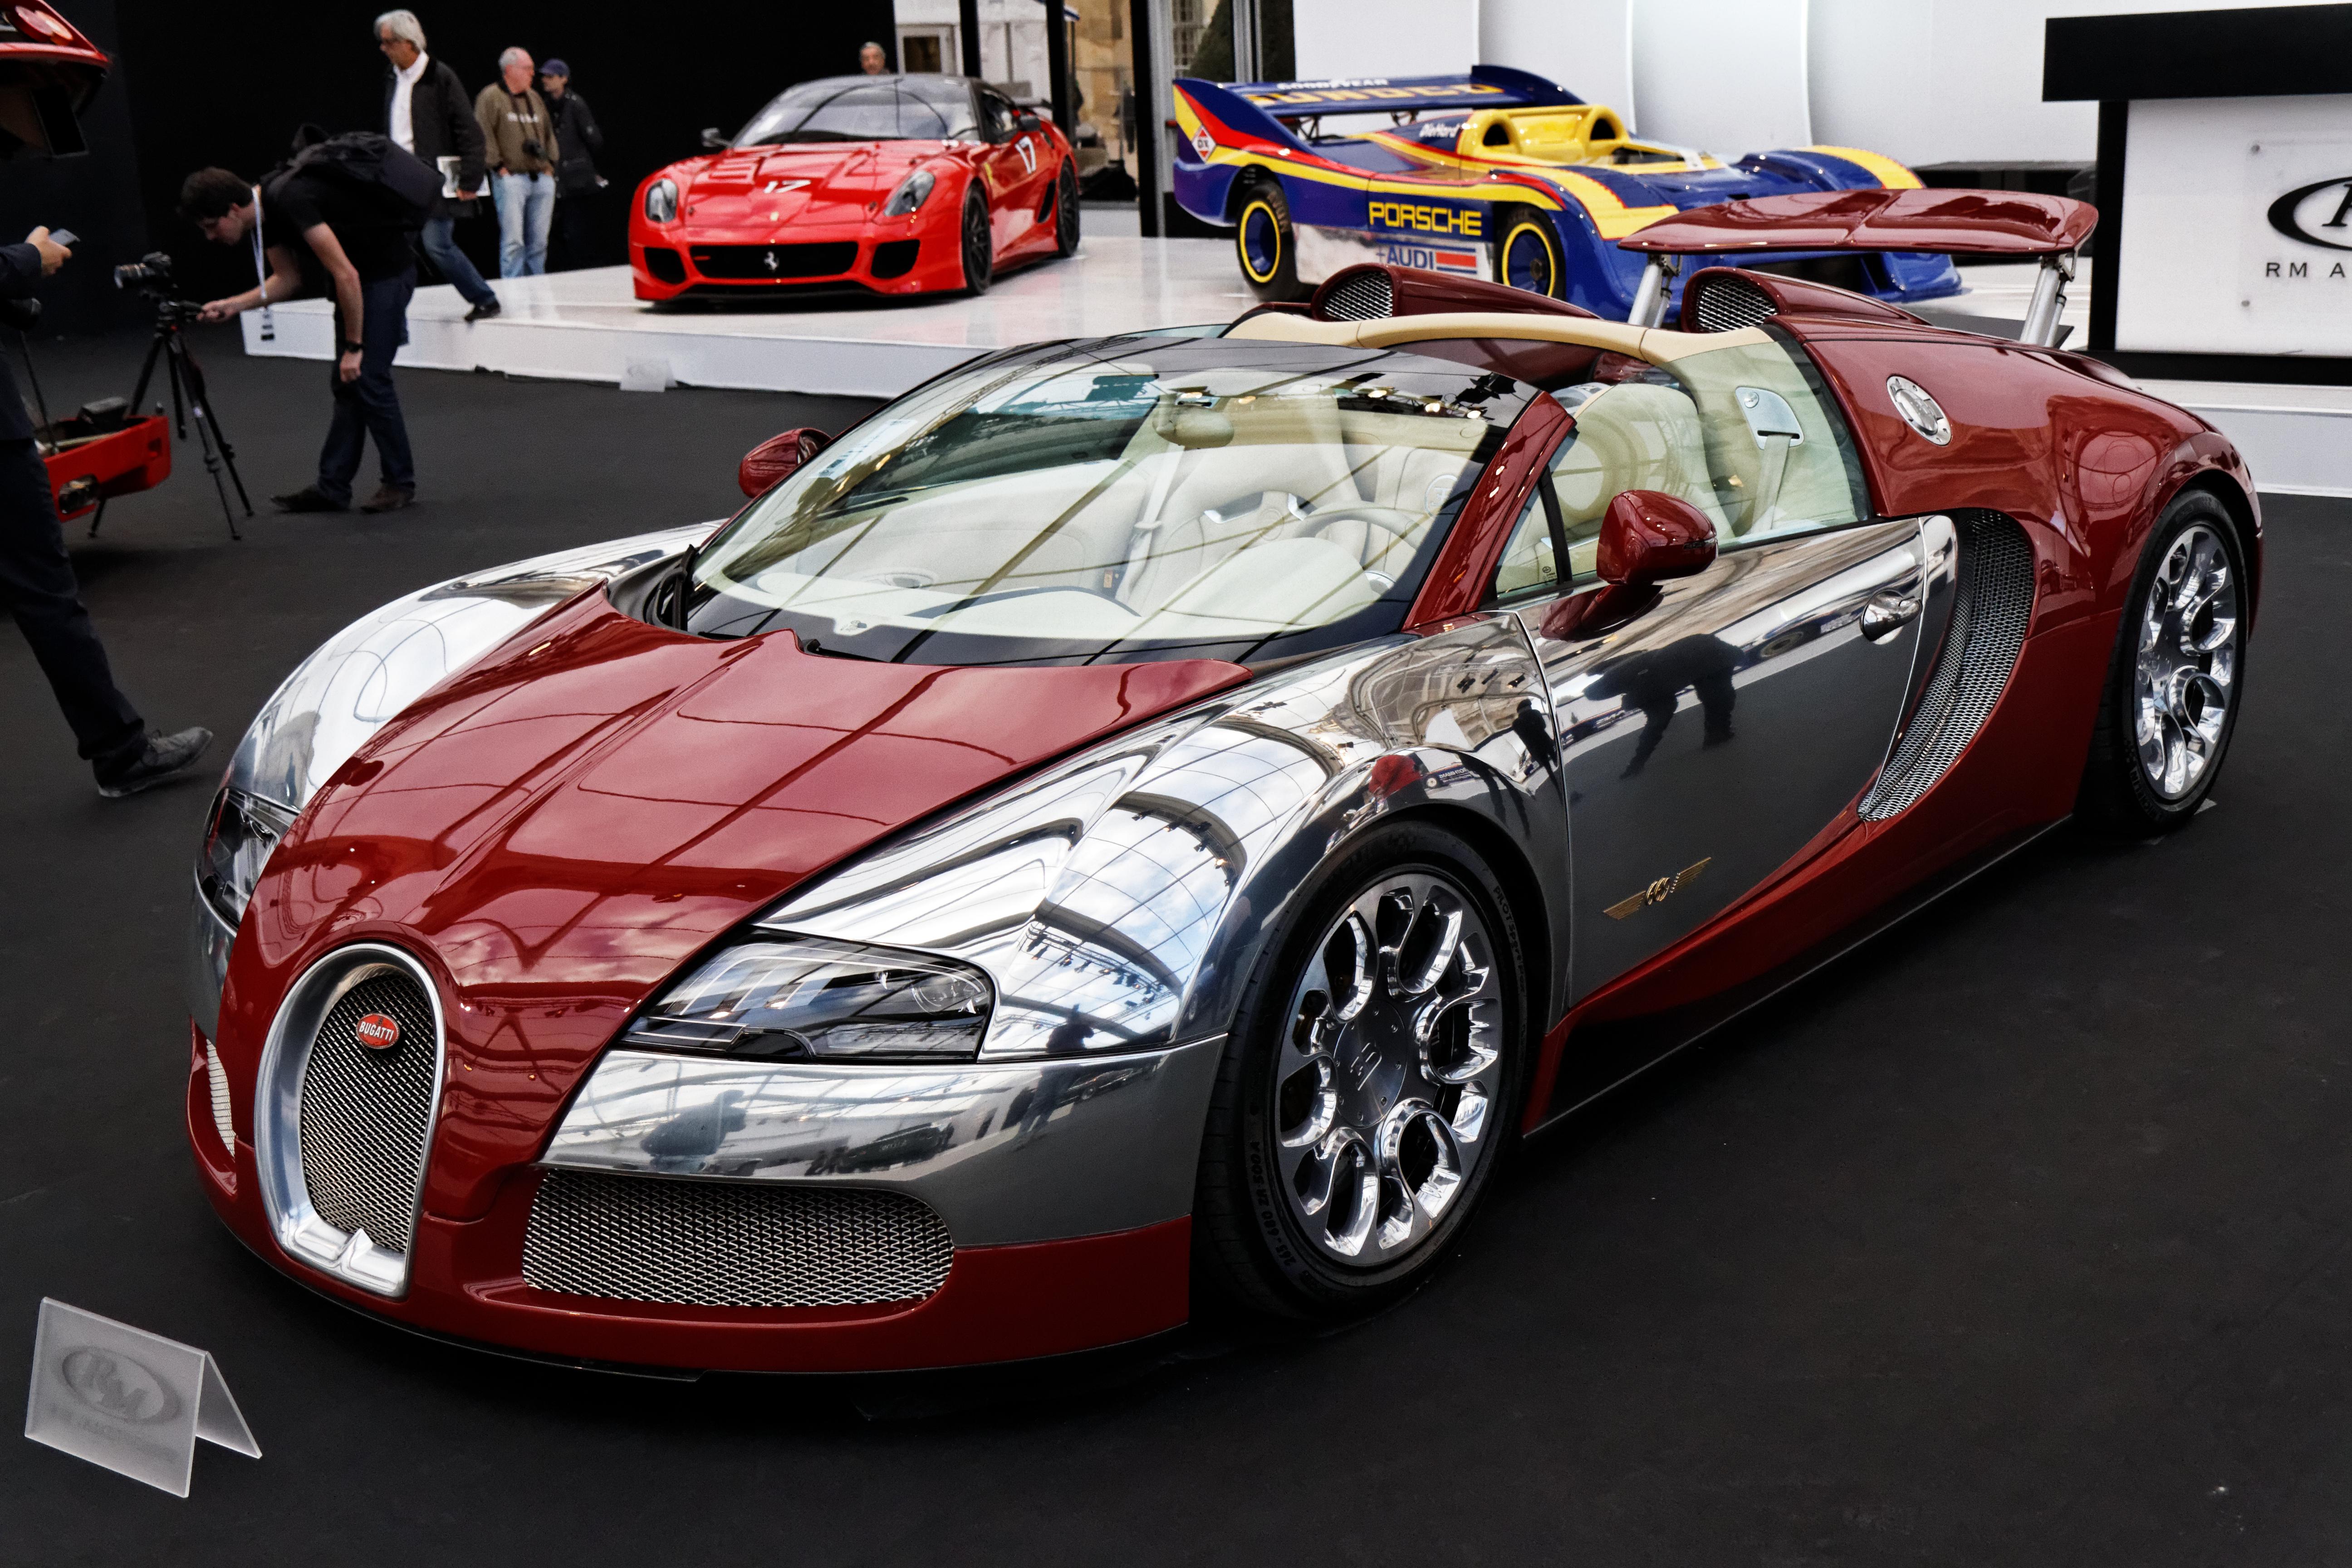 File:Paris - RM Auctions - 5 février 2014 - Bugatti Veyron 16.4 ...